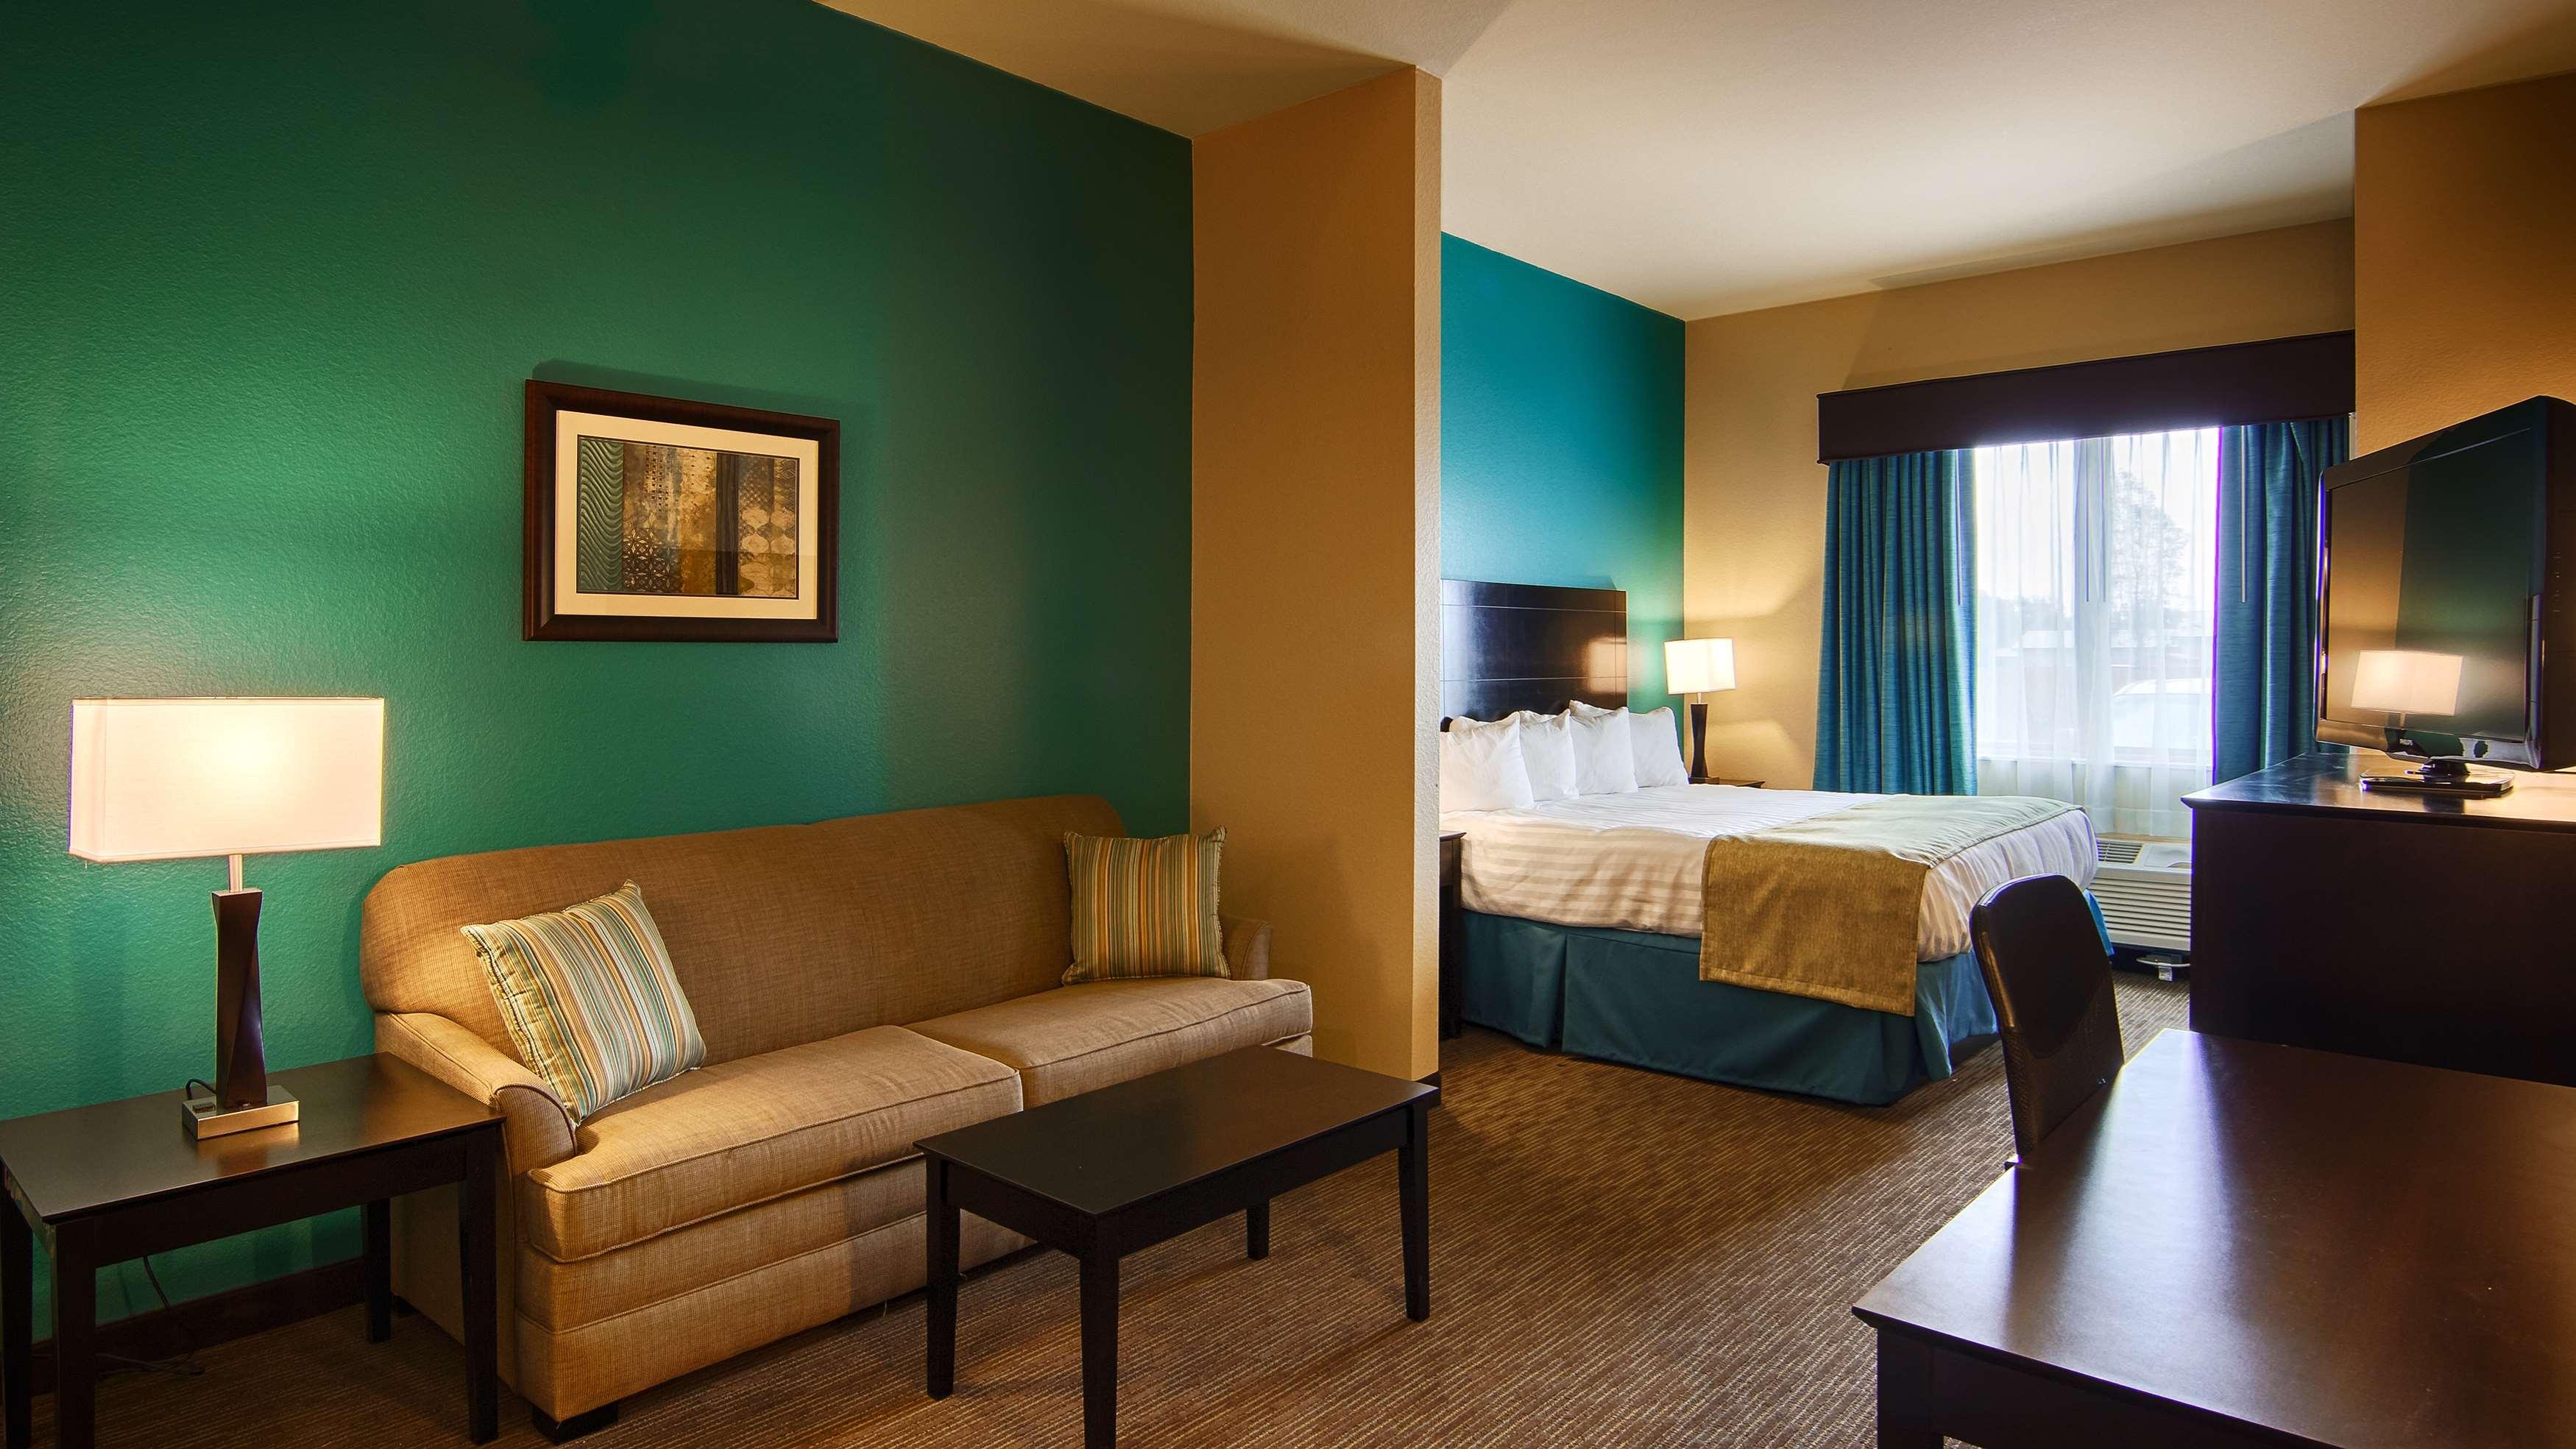 Best Western Lindsay Inn & Suites image 11